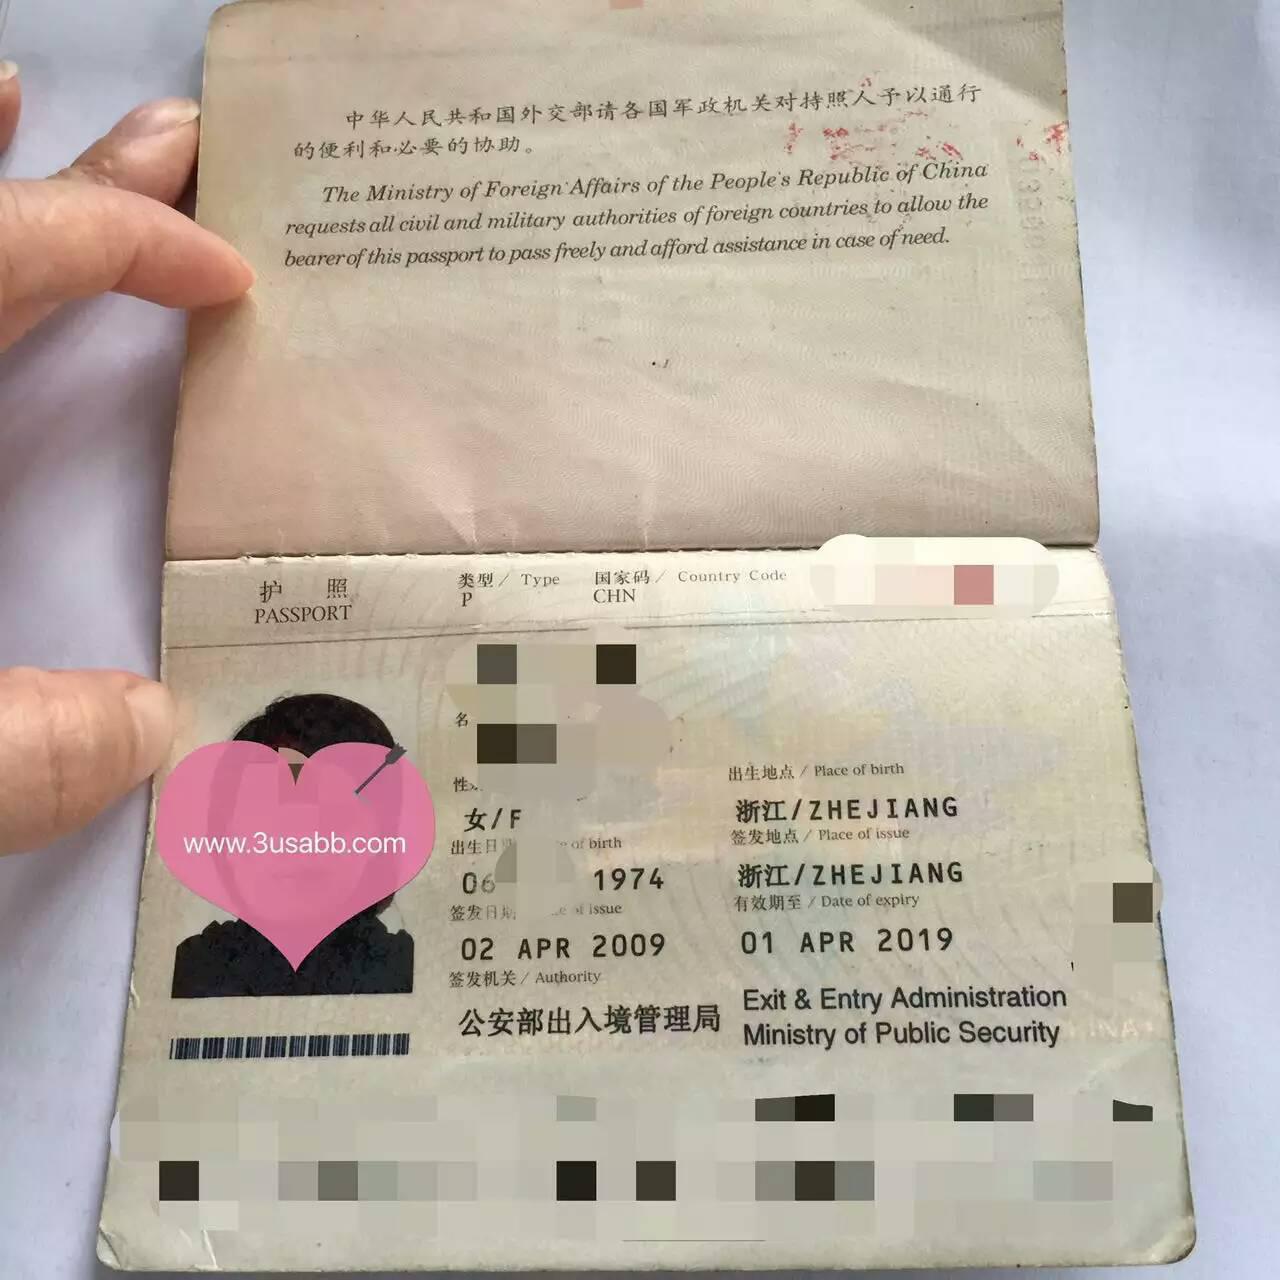 塞班岛生子浙江客户护照